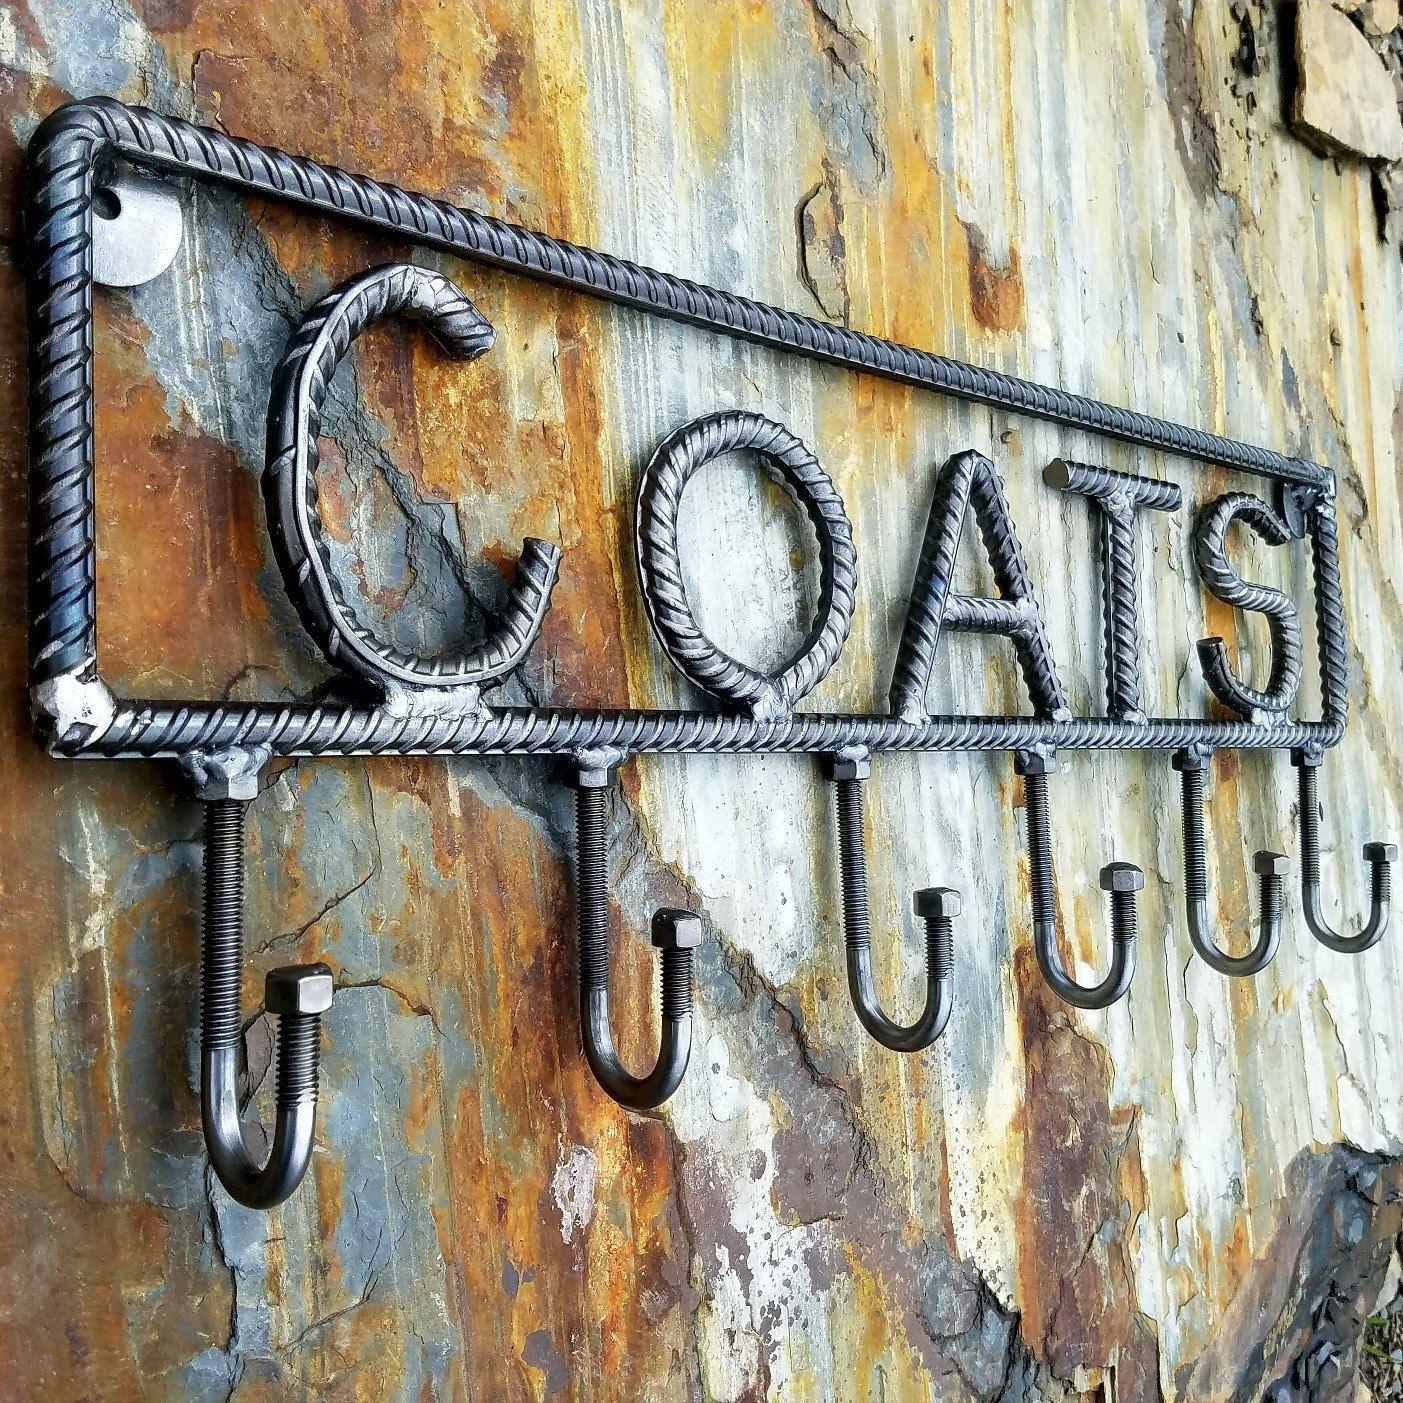 Farmersmetals.etsy.com Rustic industrial coat rack! Rebar